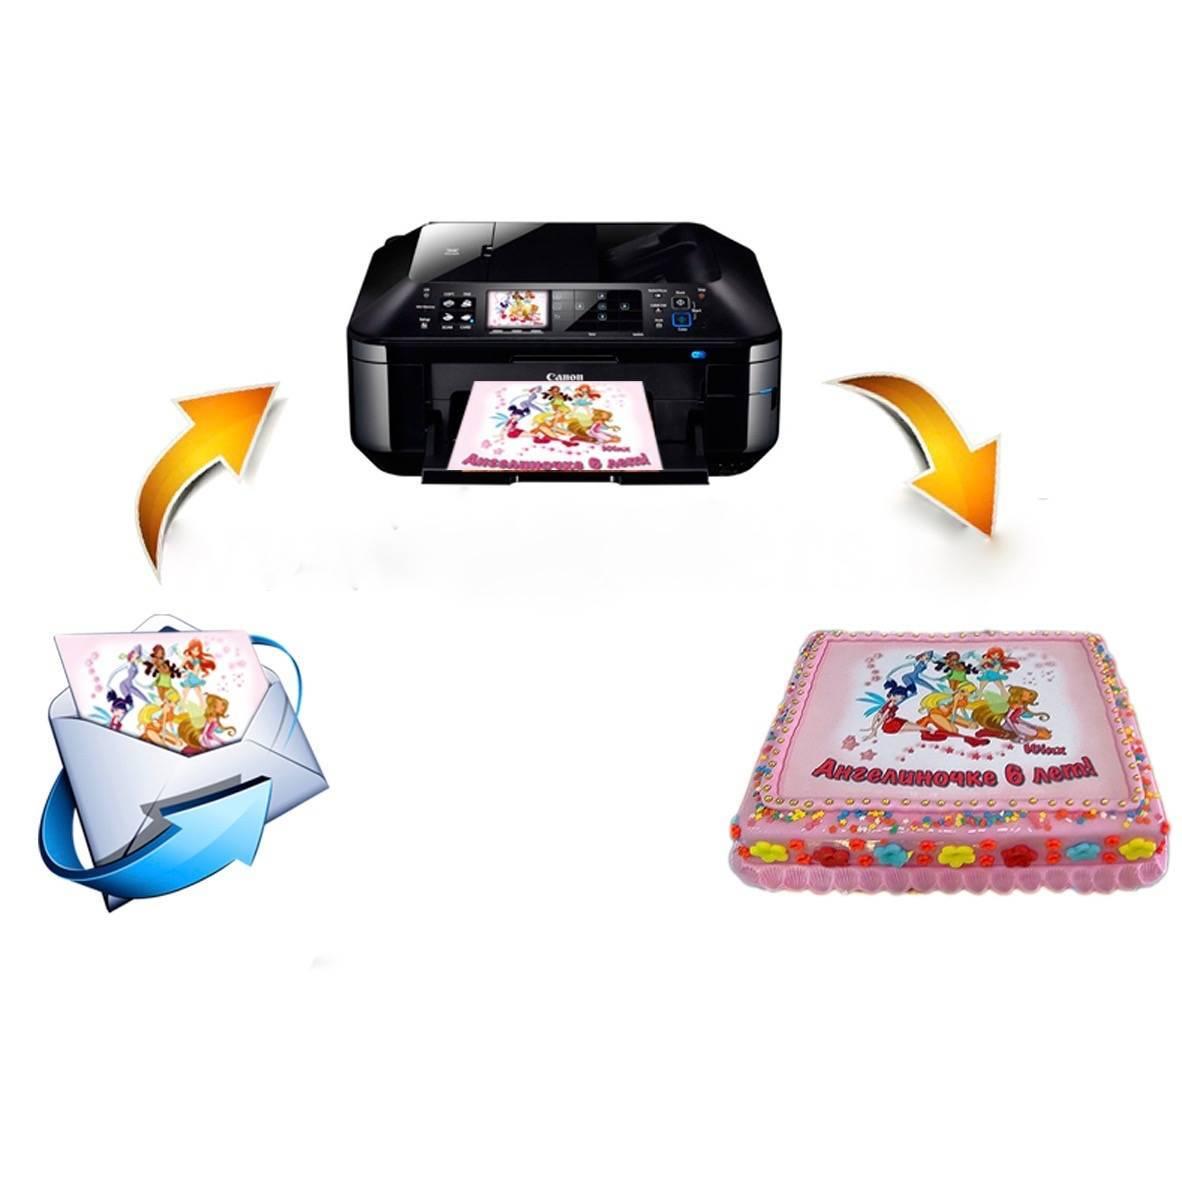 на какой бумаге печатают картинки для тортов символизируют